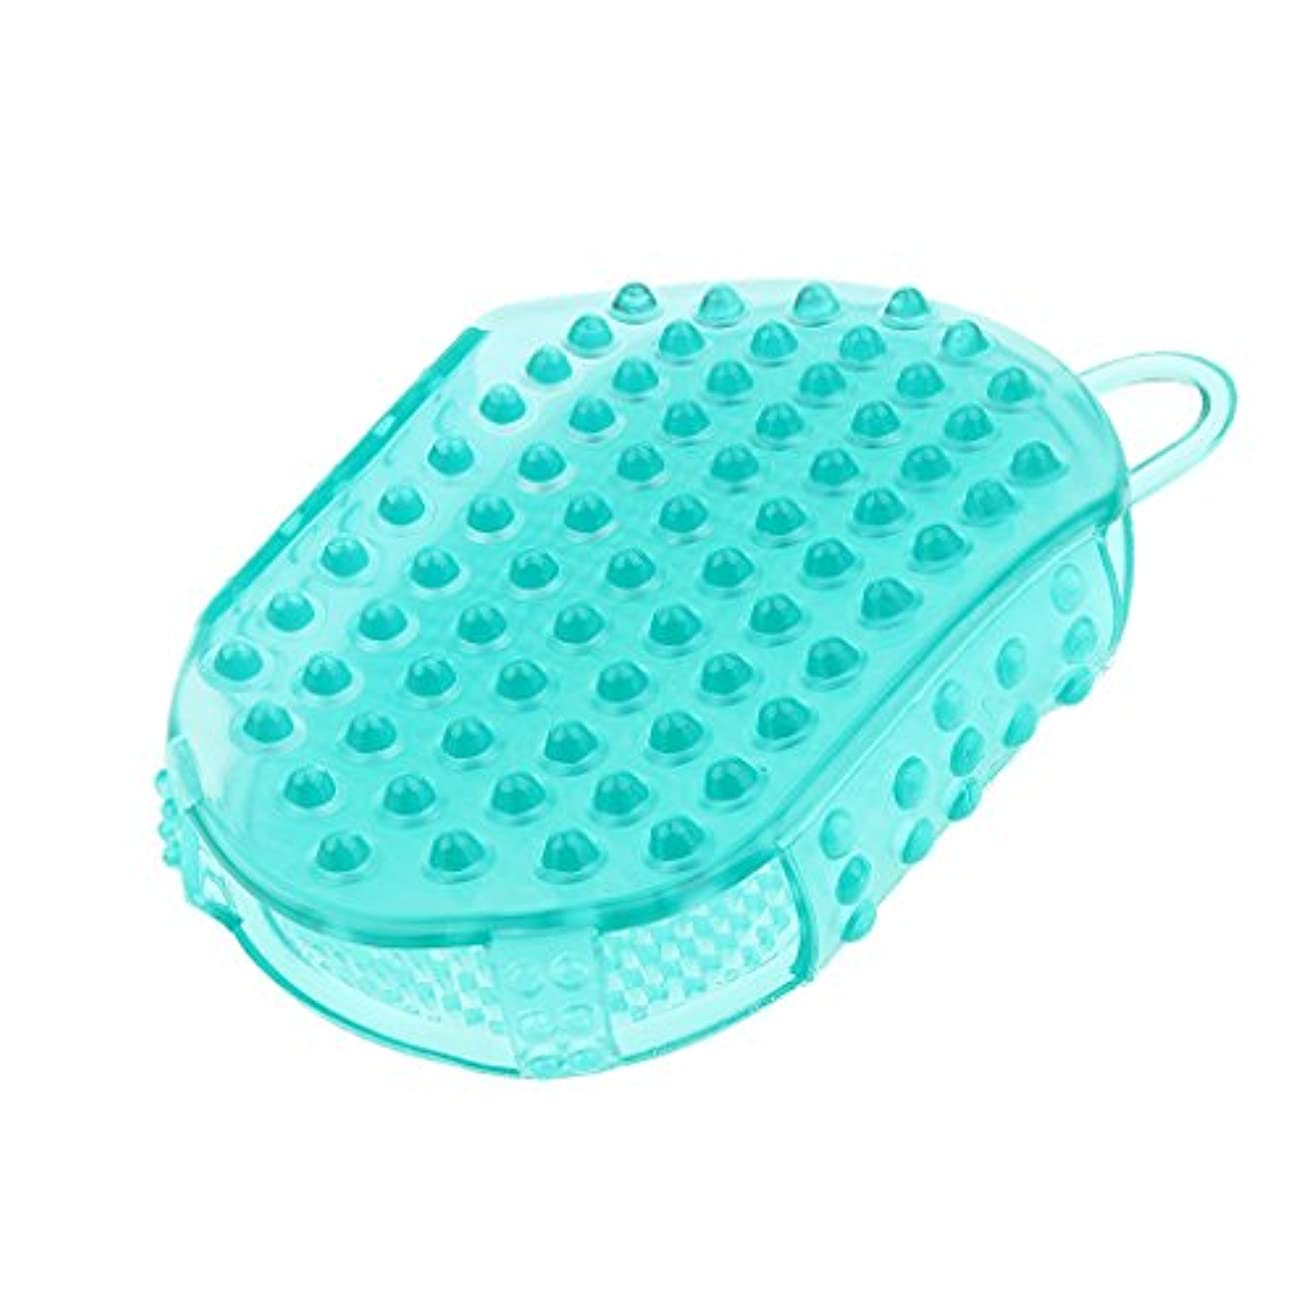 未使用時折カナダ頭皮マッサージ コーム ヘアマッサージャー 櫛 防水性 子供 大人 シャワー用 便利